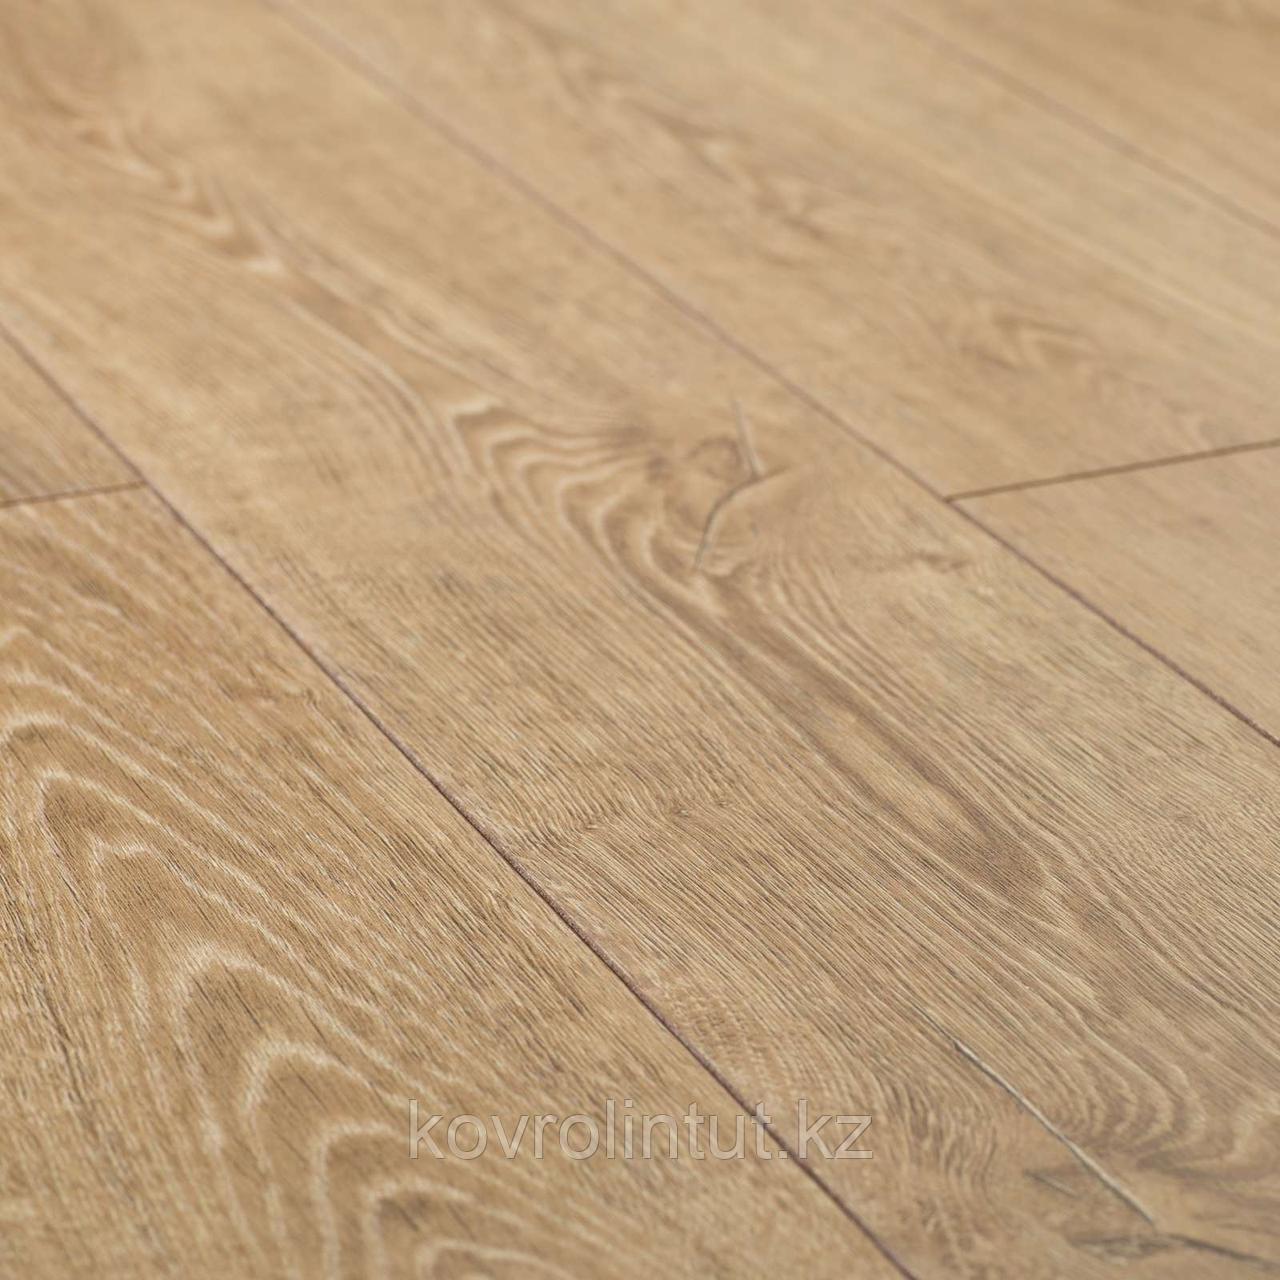 Ламинат Aurum Gusto Safron Oak